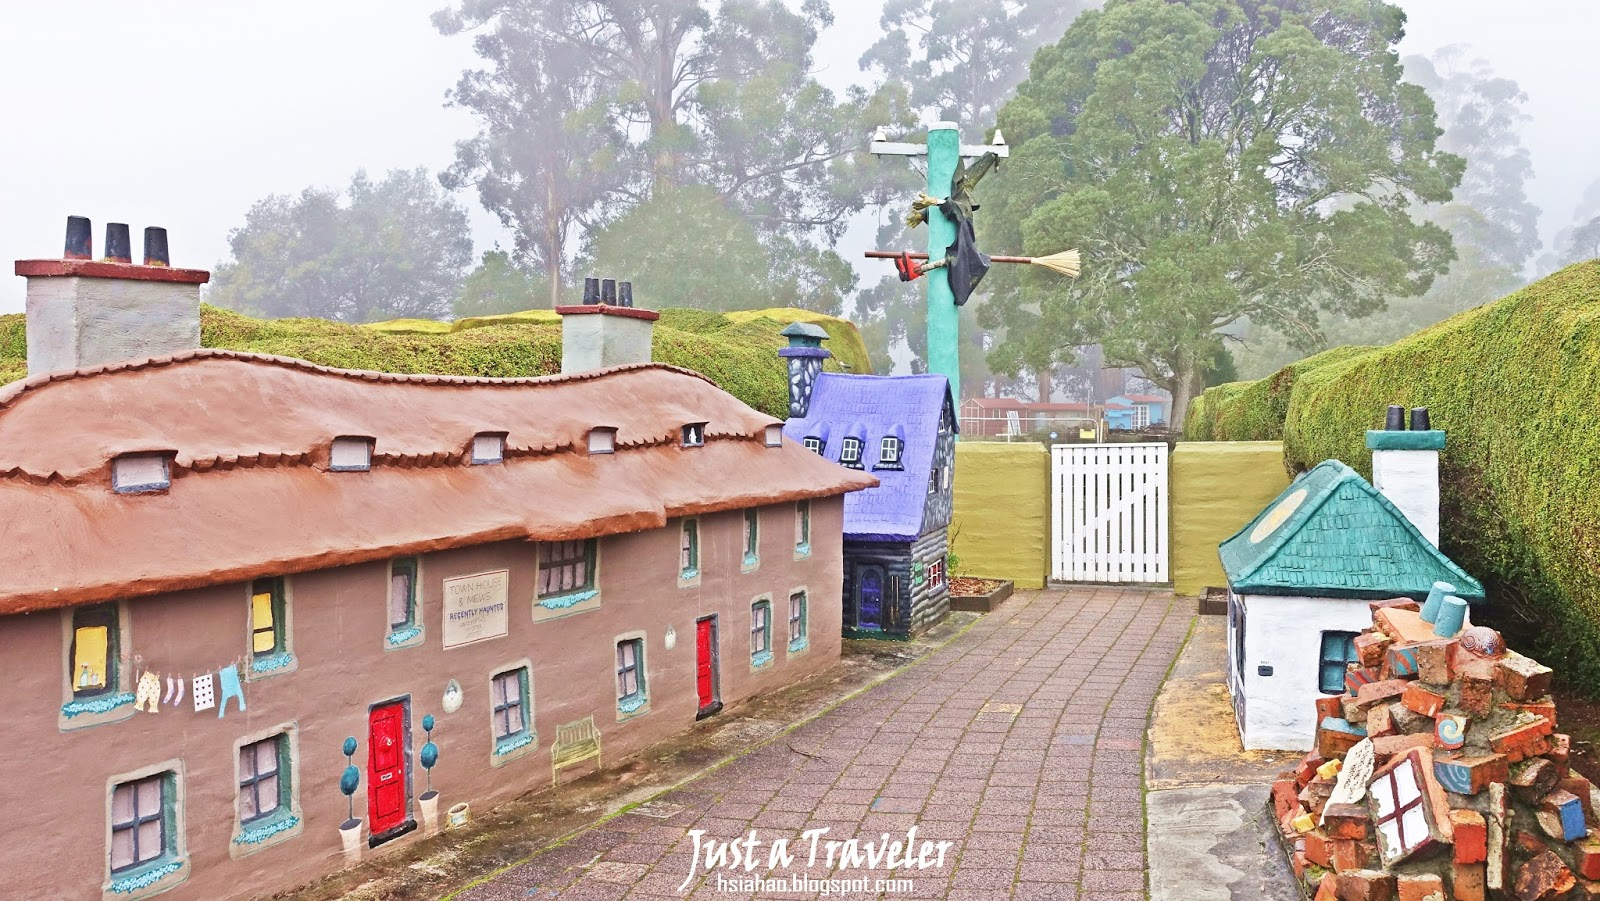 塔斯馬尼亞-景點-推薦-小人國村-旅遊-自由行-澳洲-Tasmania-Tasmazia-Village-Of-Lower-Crackpot